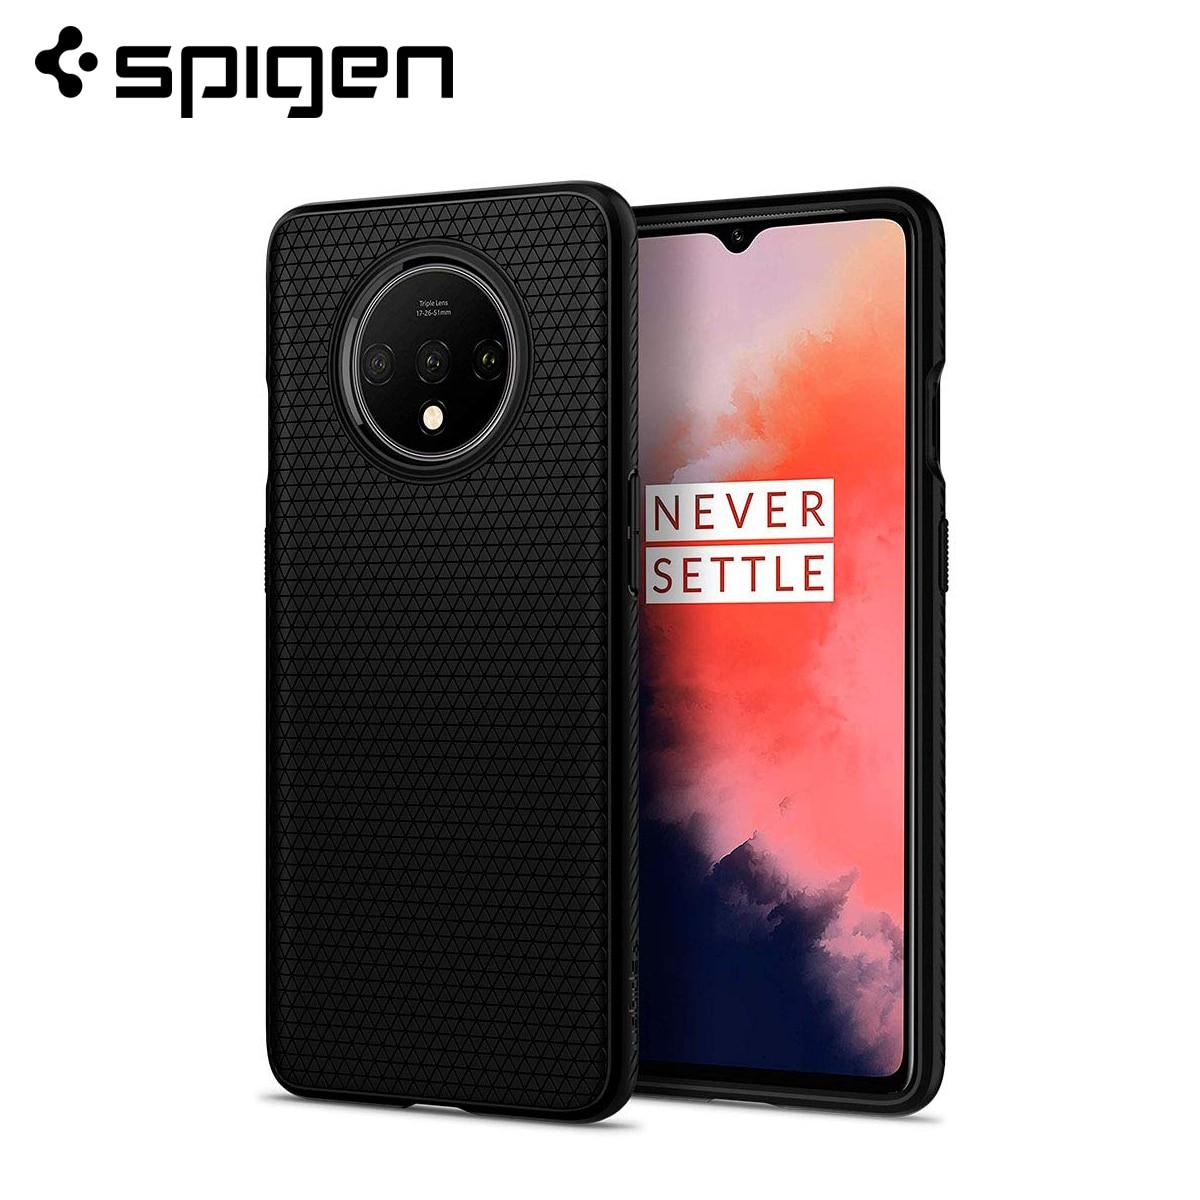 Spigen OnePlus 7T 7T Pro Case Liquid Air Soft Slim Form fitted Lightweight Anti Slip Matte